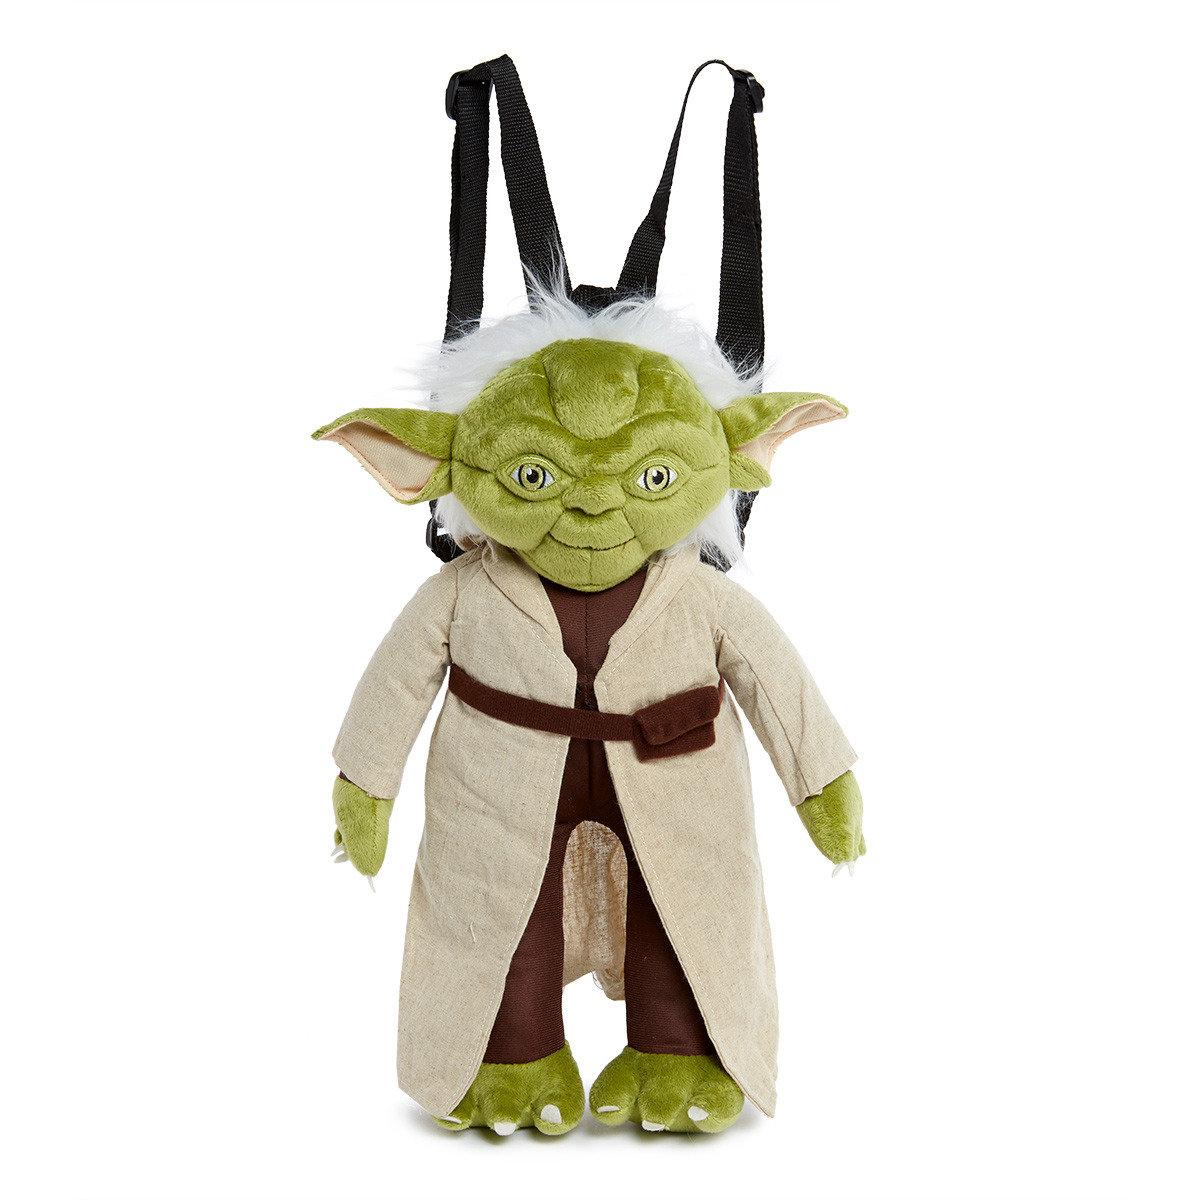 星球大戰 17 吋毛質背包(尤達 Yoda)